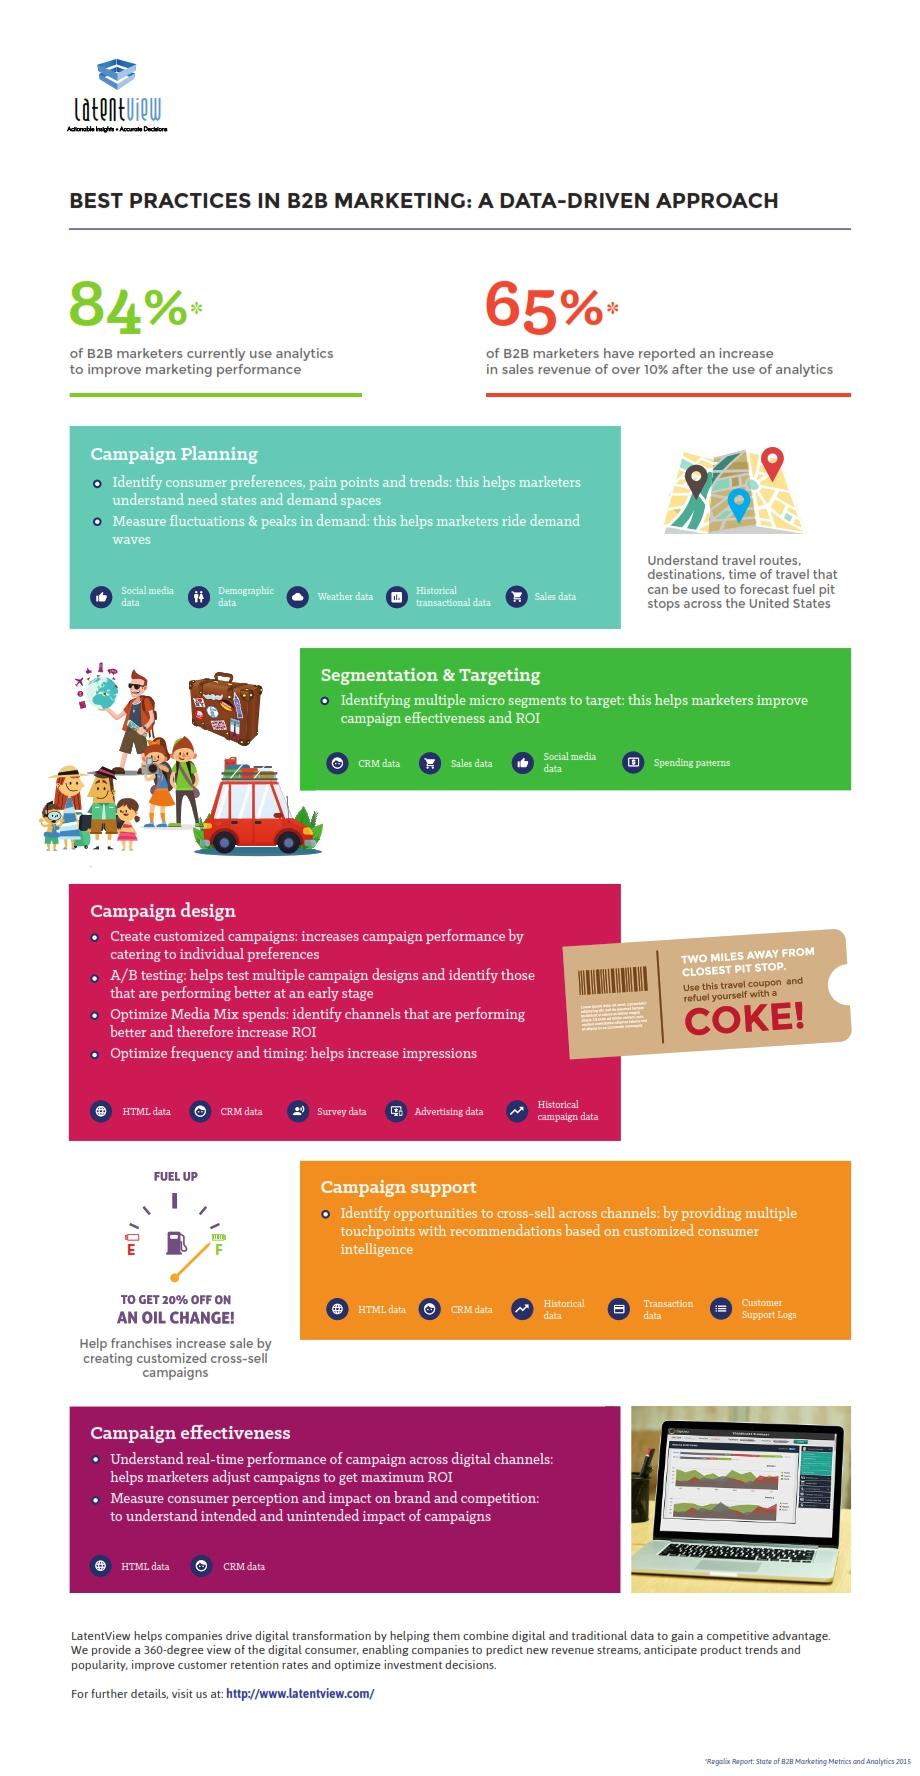 infographic v4 001